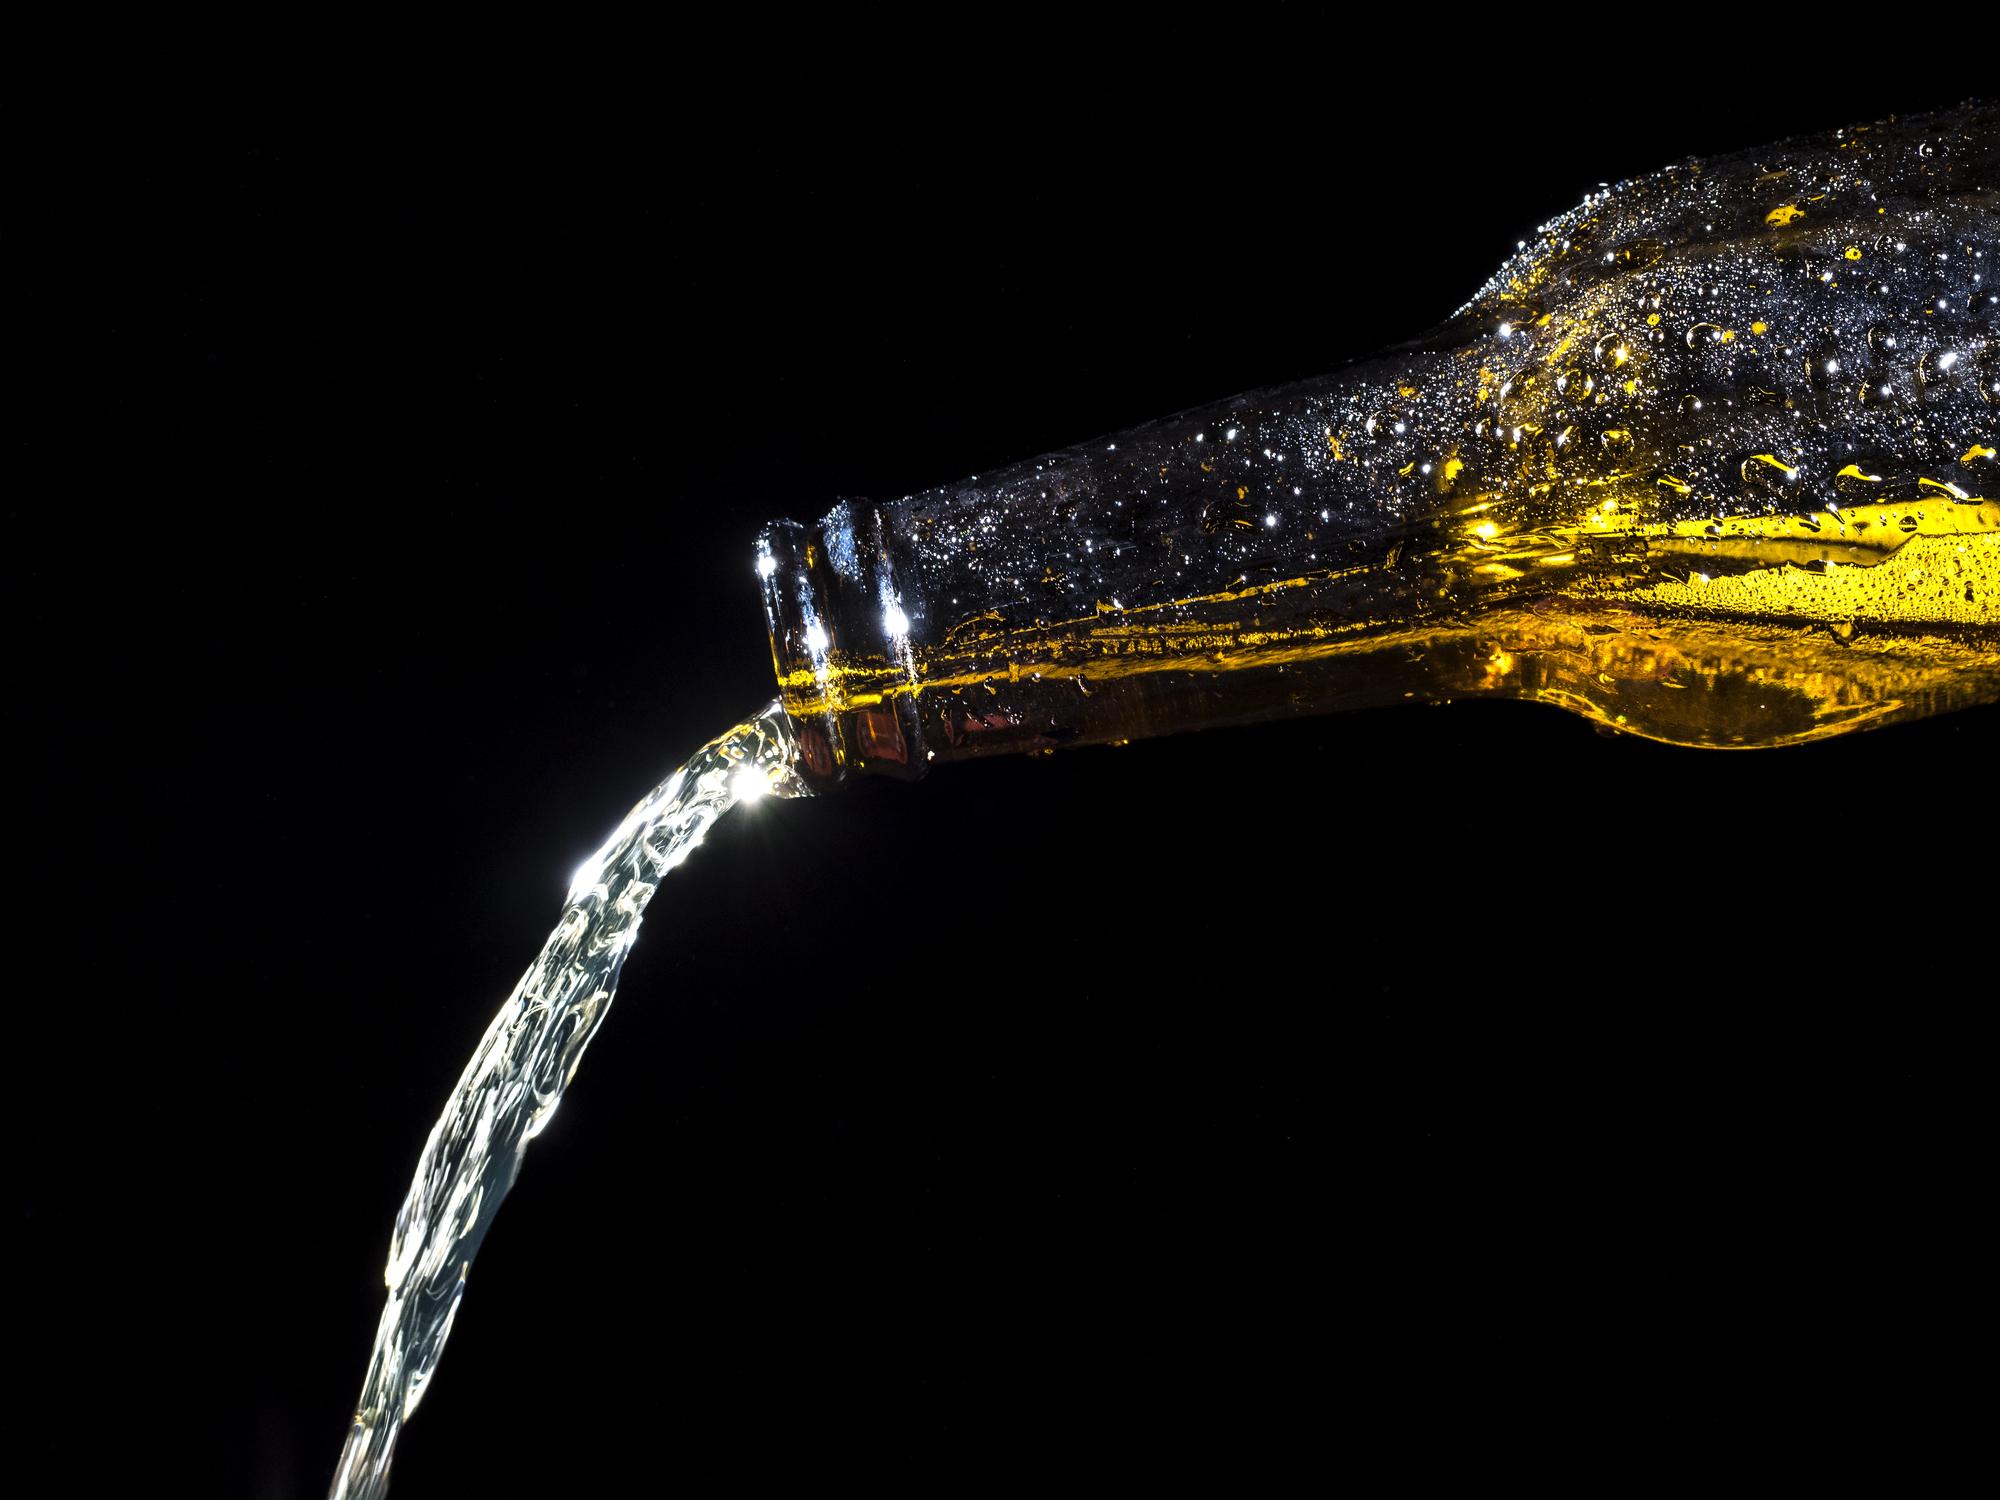 produccion-de-cerveza-sera-reanudada-en-el-mes-de-junio